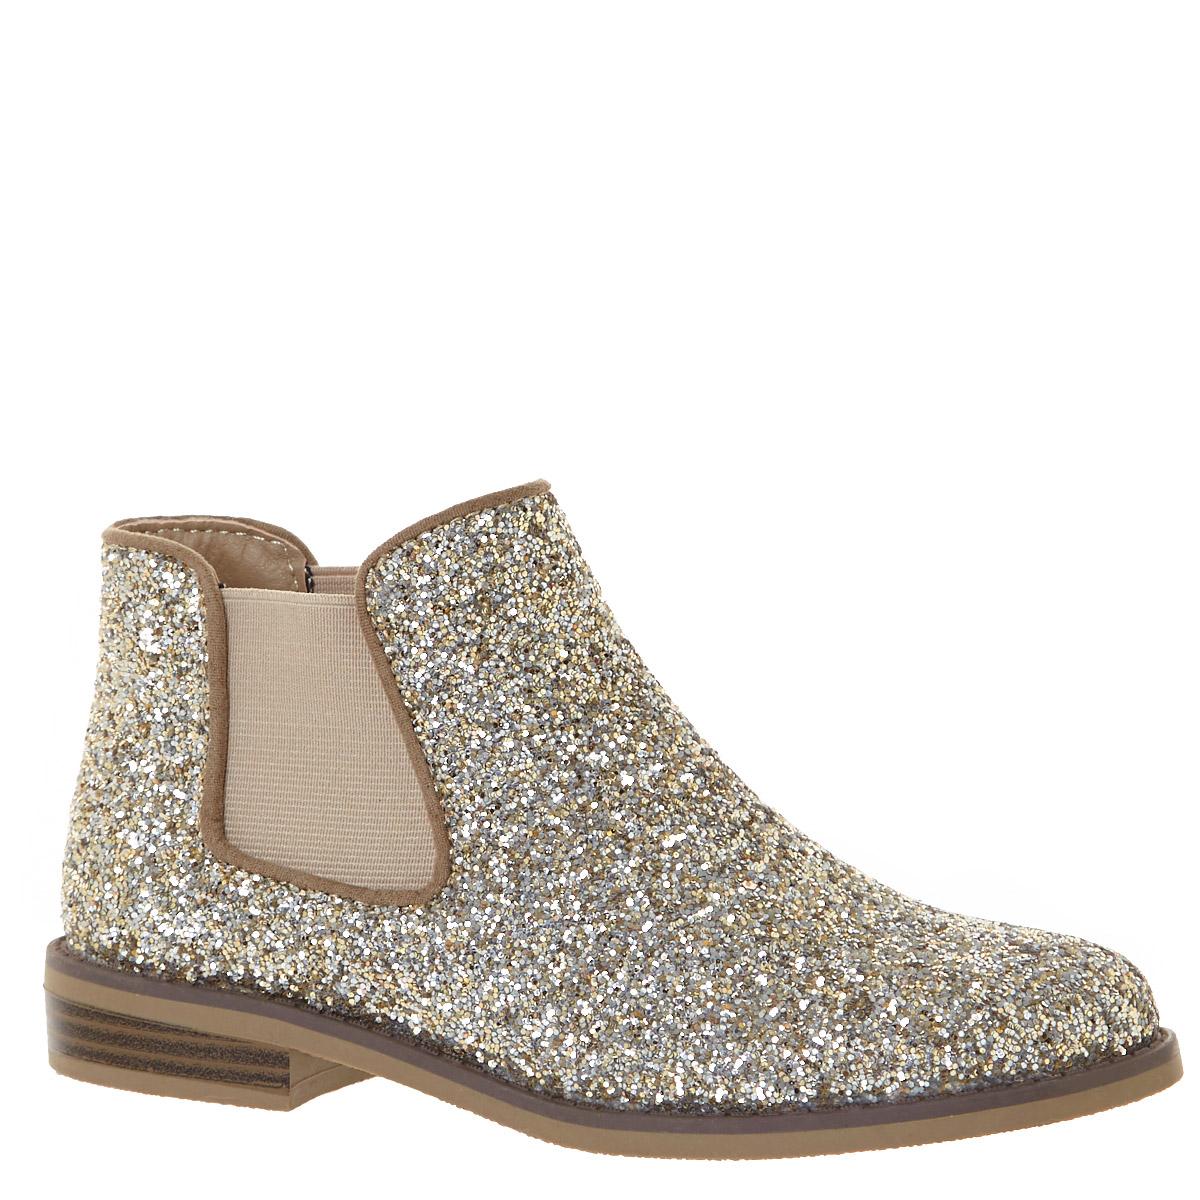 59723a1a54 Younger Girls Glitter Boots